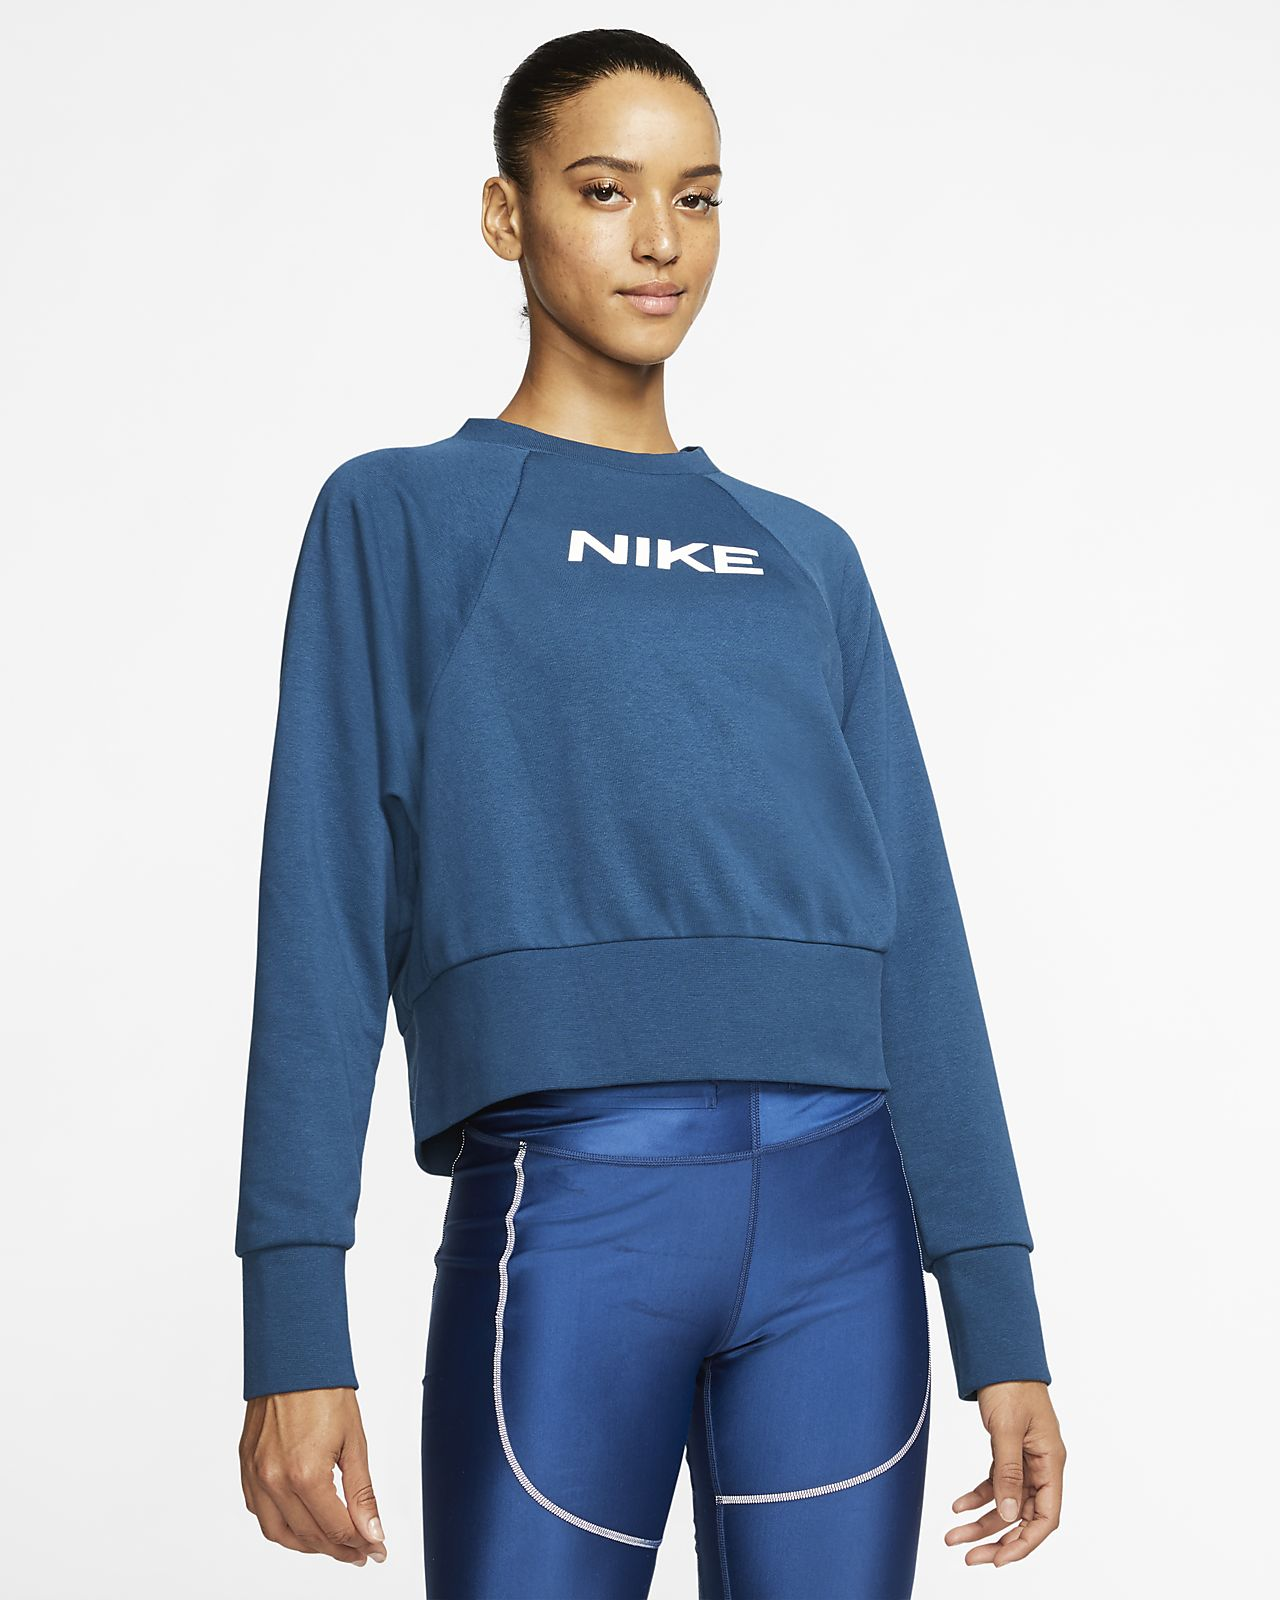 Nike Dri-FIT Get Fit Women's Training Crew